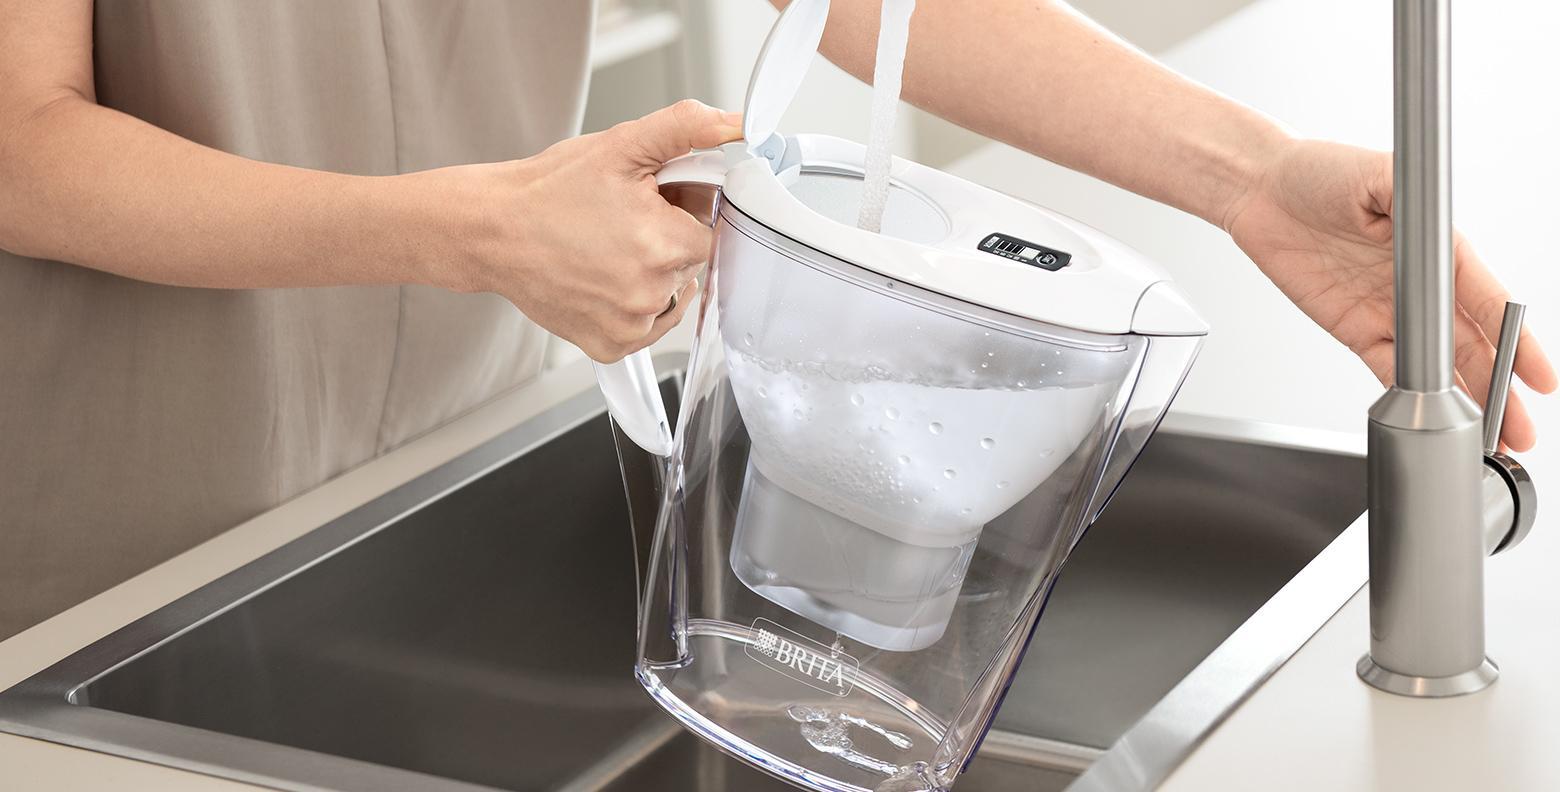 Verter el agua en una jarra de filtro de agua